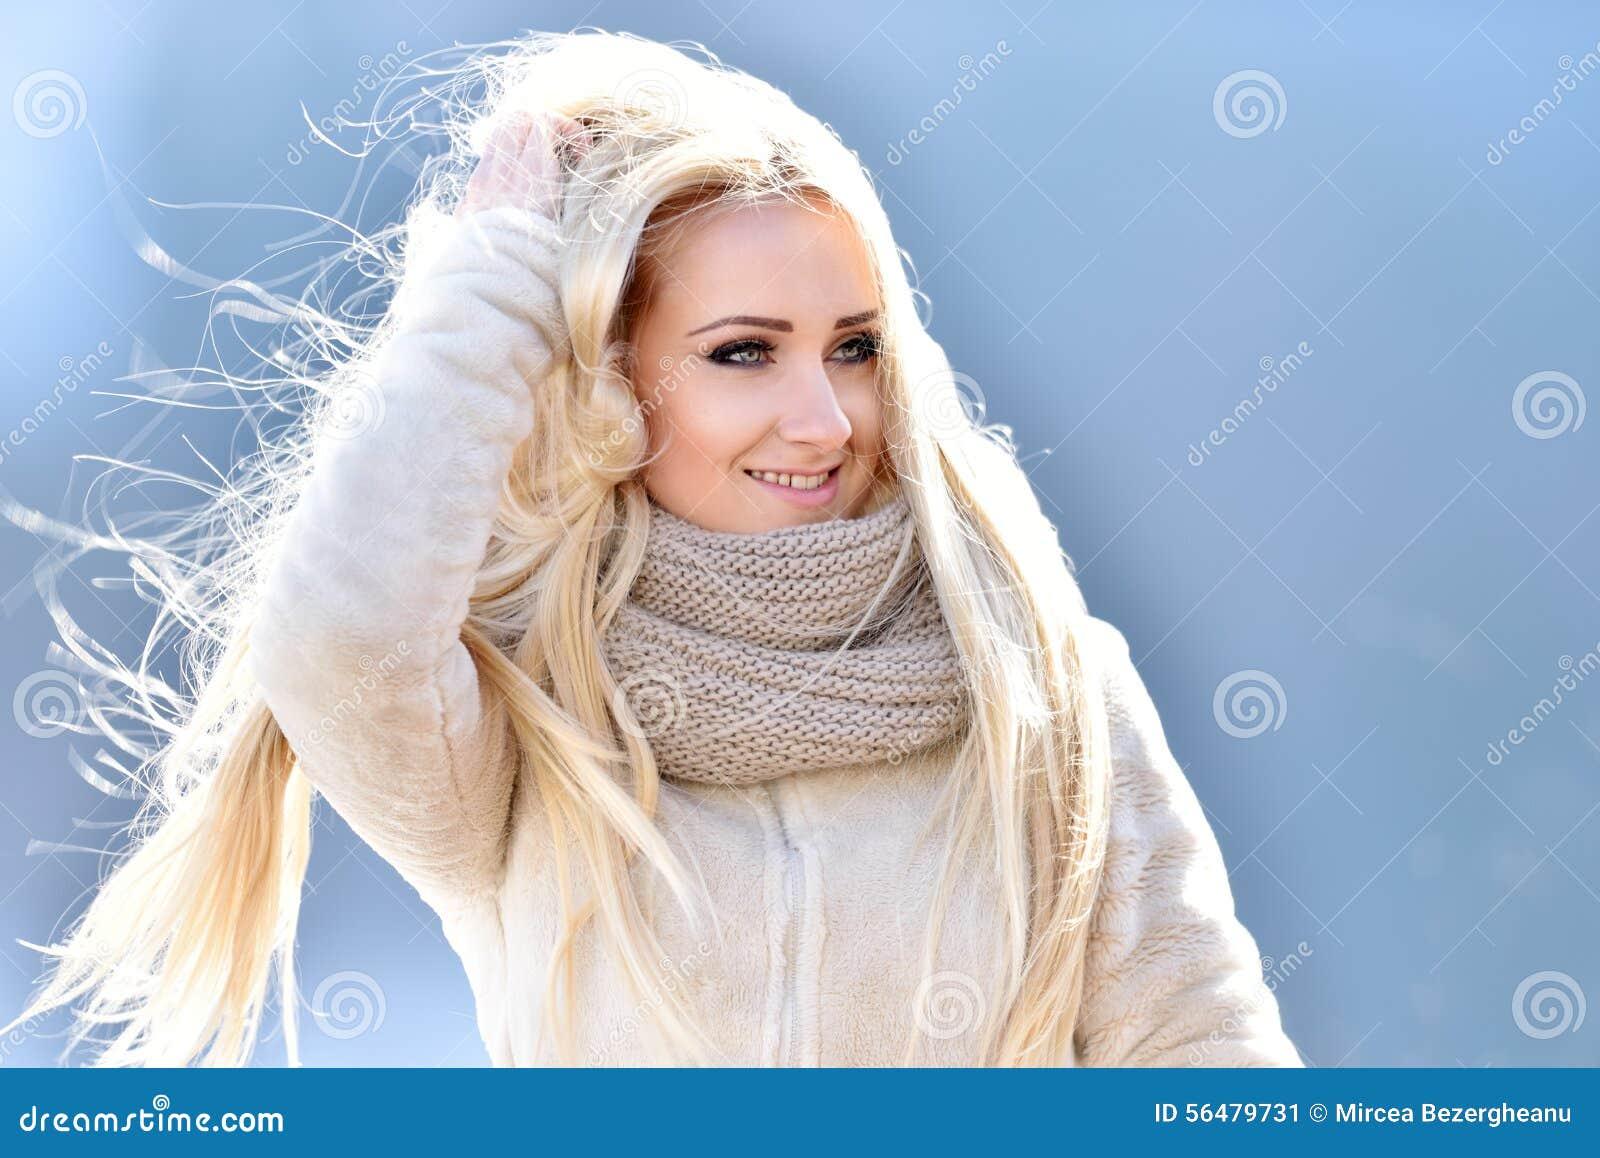 Joli portrait de femme extérieur en hiver